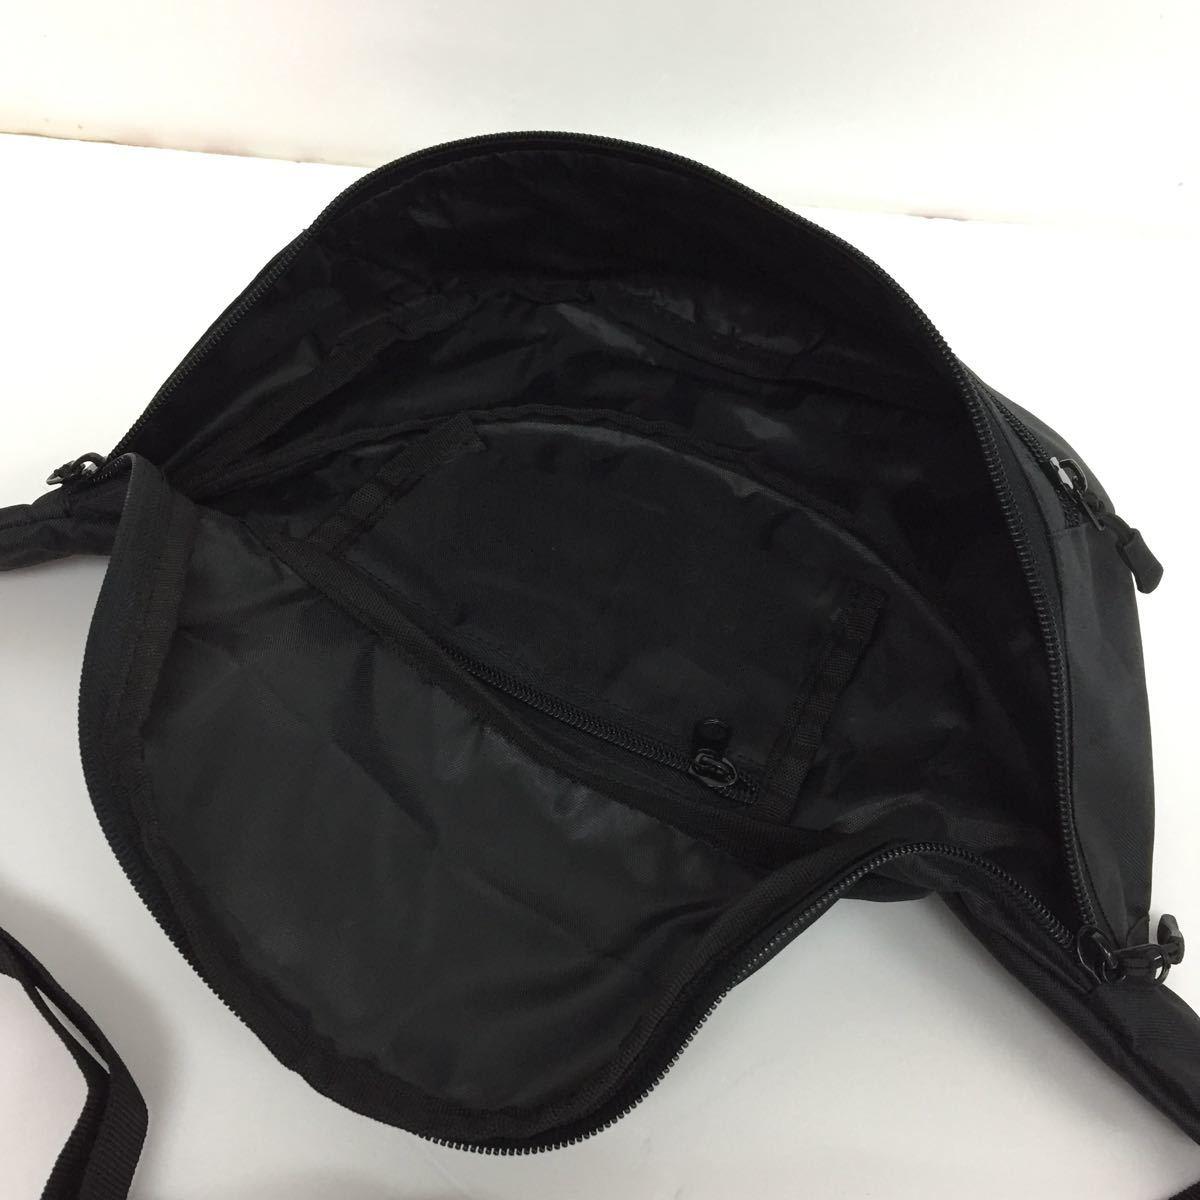 ウエストバッグ ボディバッグ ウエストポーチ ウエポ ボディーバッグ メンズ レディース 新品 黒 ブラック